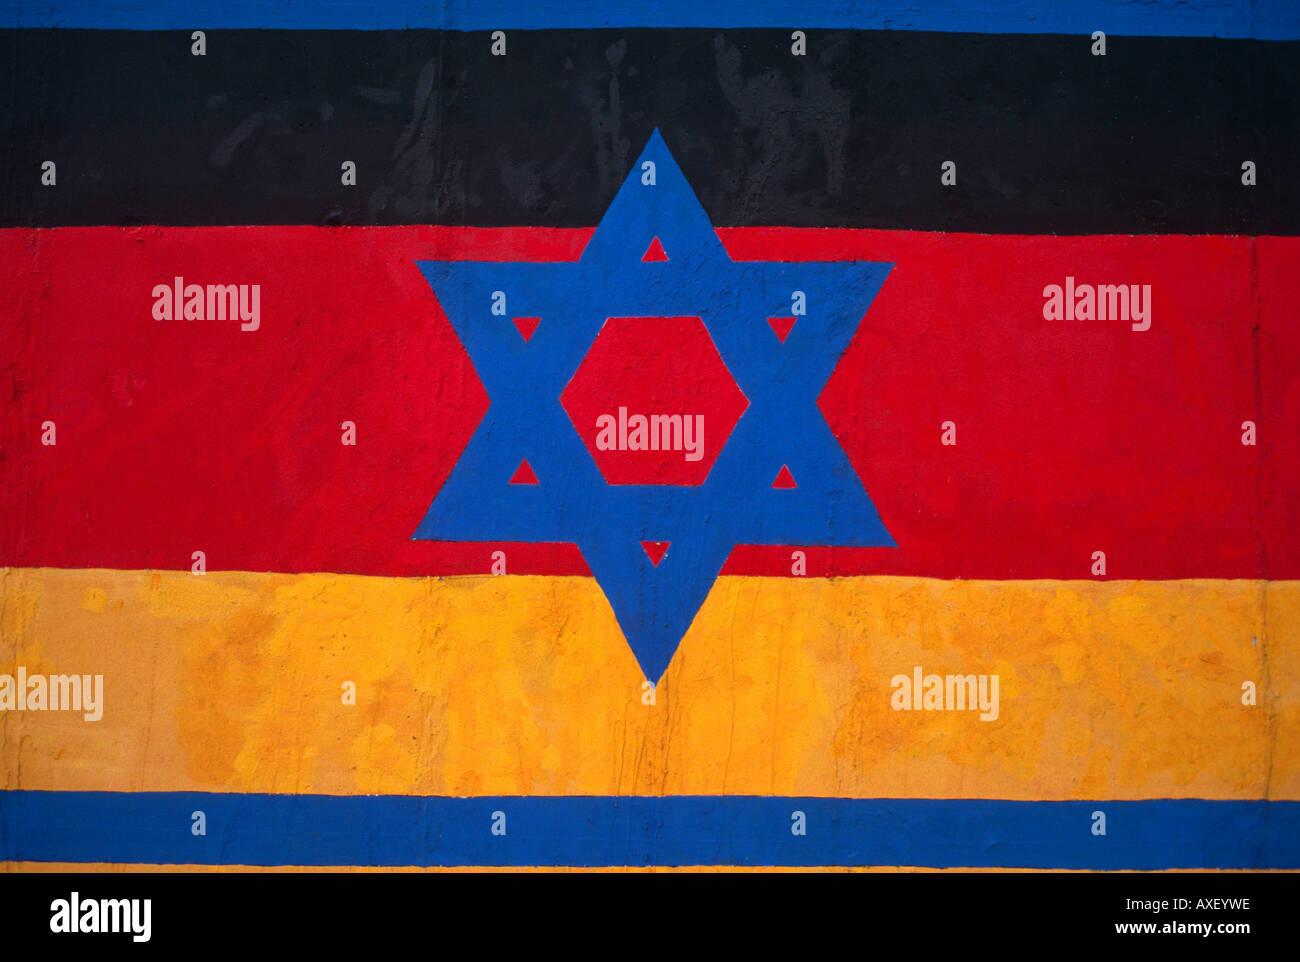 Resultado de imaxes para bandera alemana israeli muro berlin